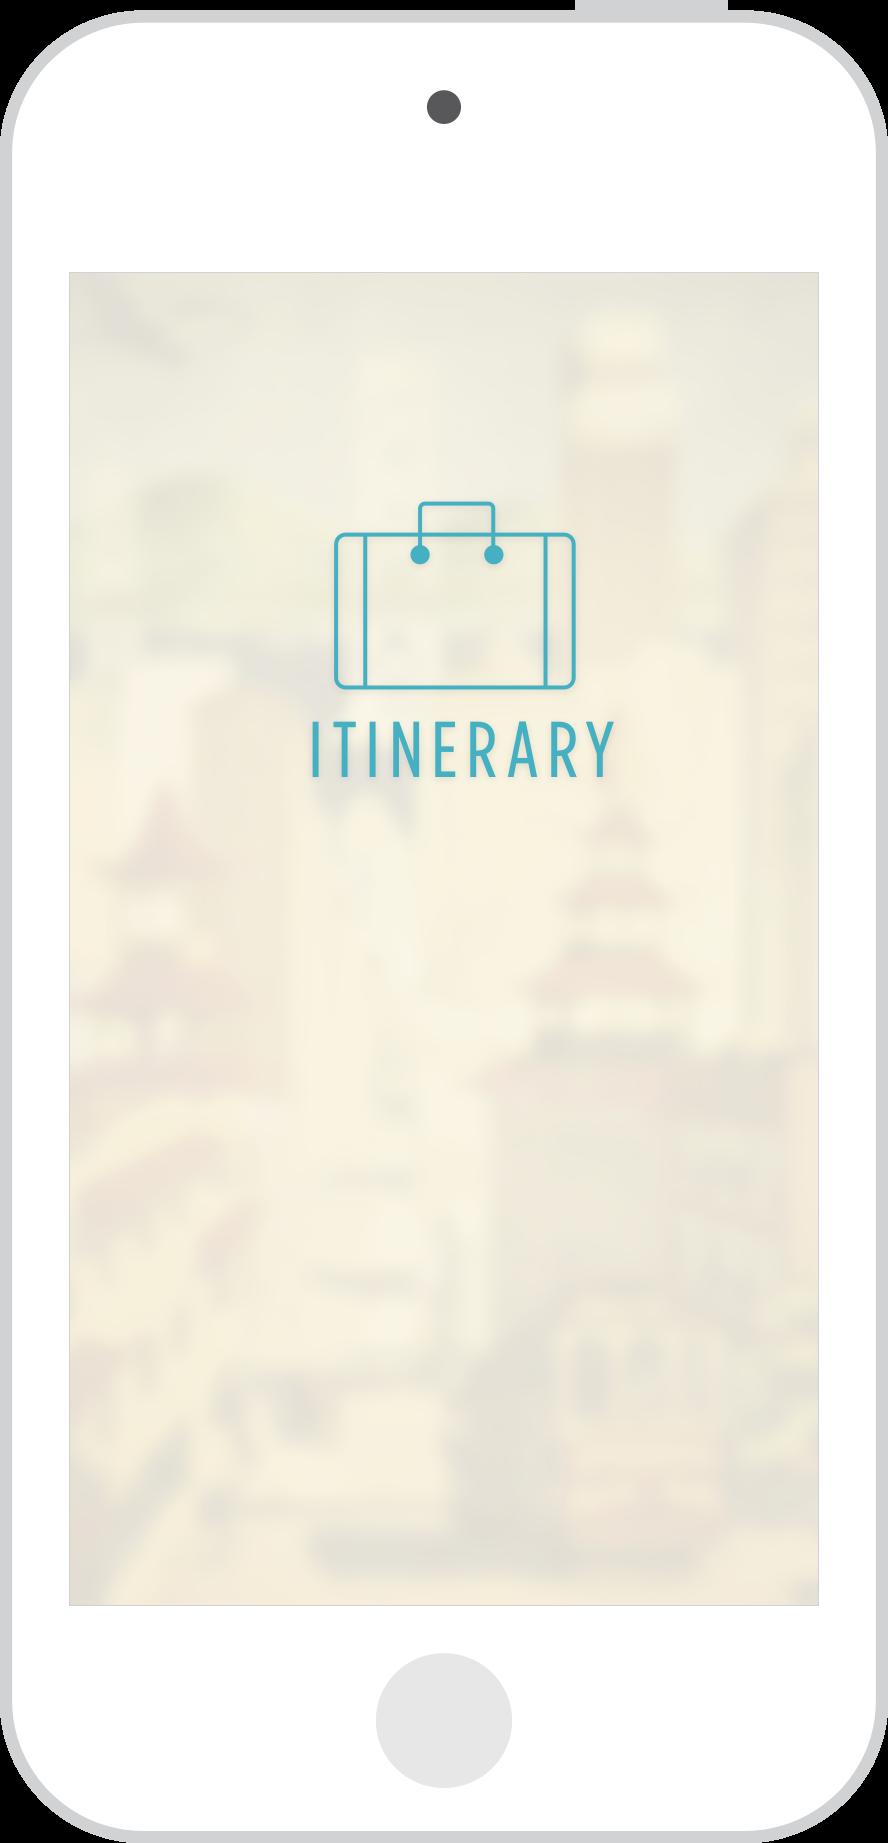 Itinerary- Splash